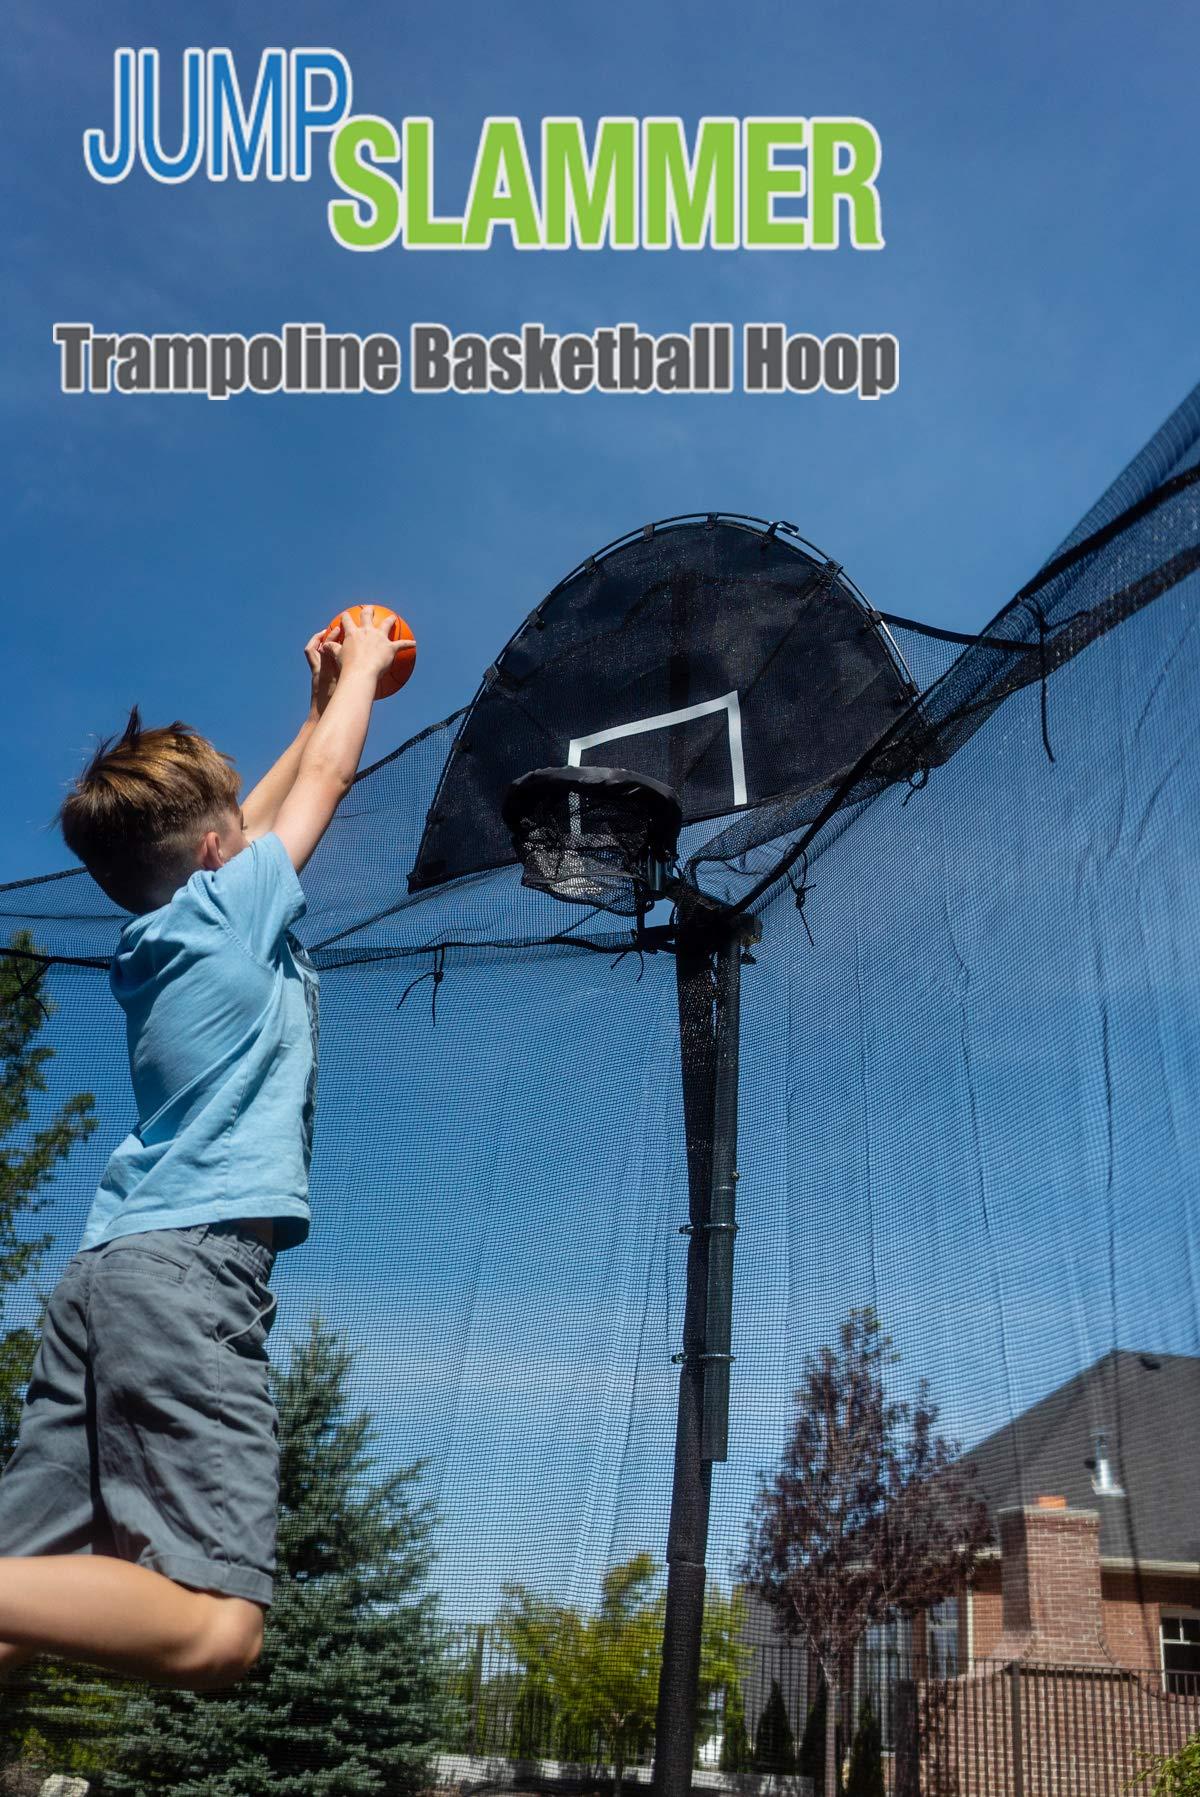 Jump Slammer Trampoline Basketball Hoop | Easy Install | Foam Ball Included | [Lifetime Parts Warranty] by Trampoline Pro